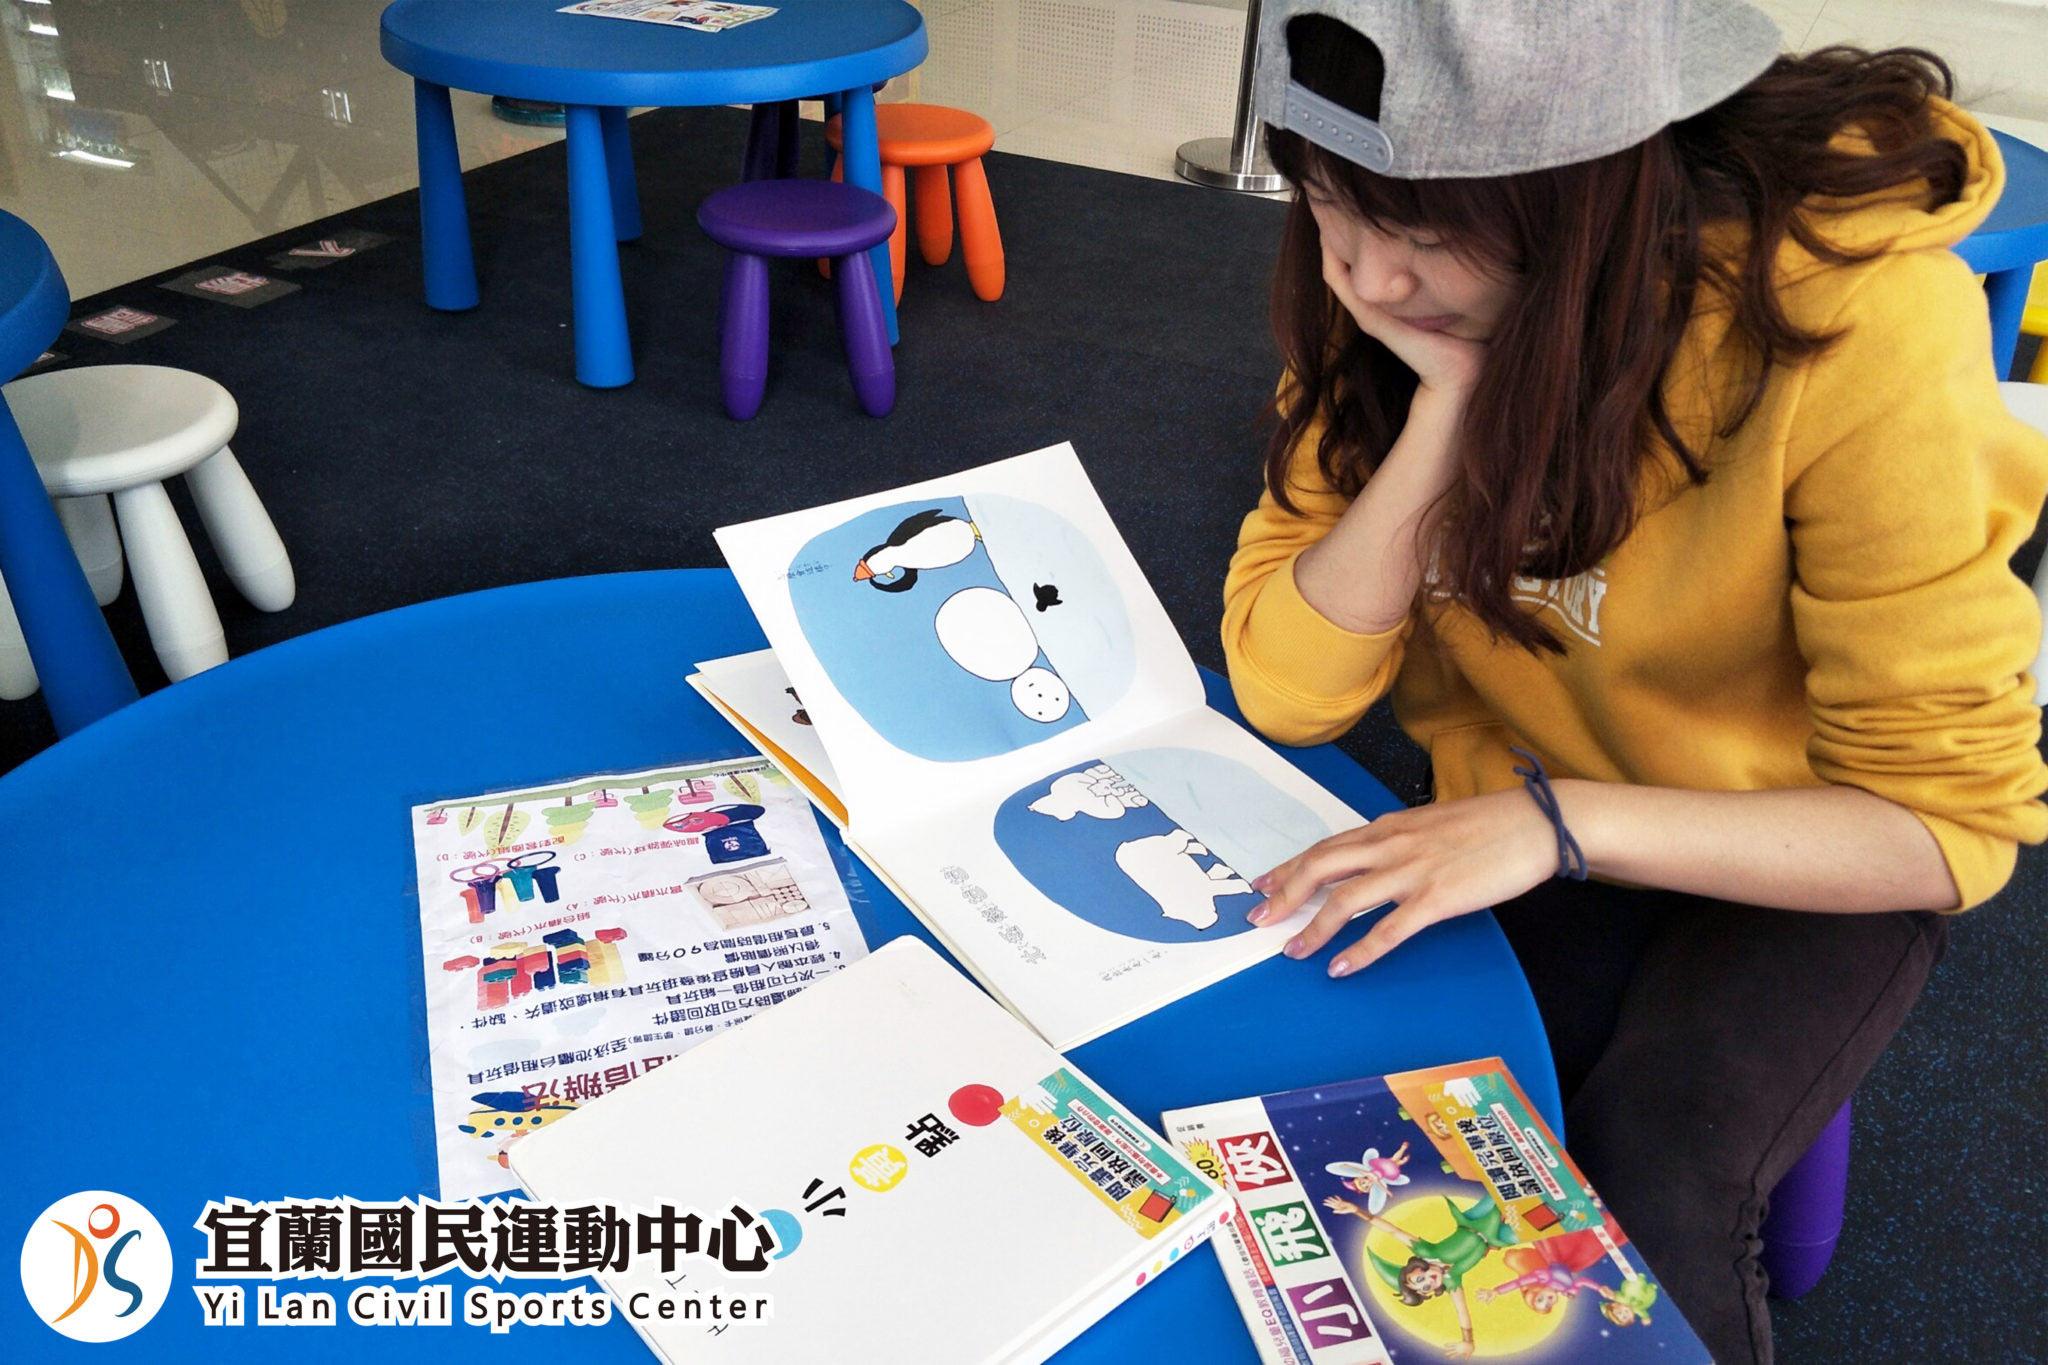 兒童遊戲區-學員閱讀兒同書籍(jpg)